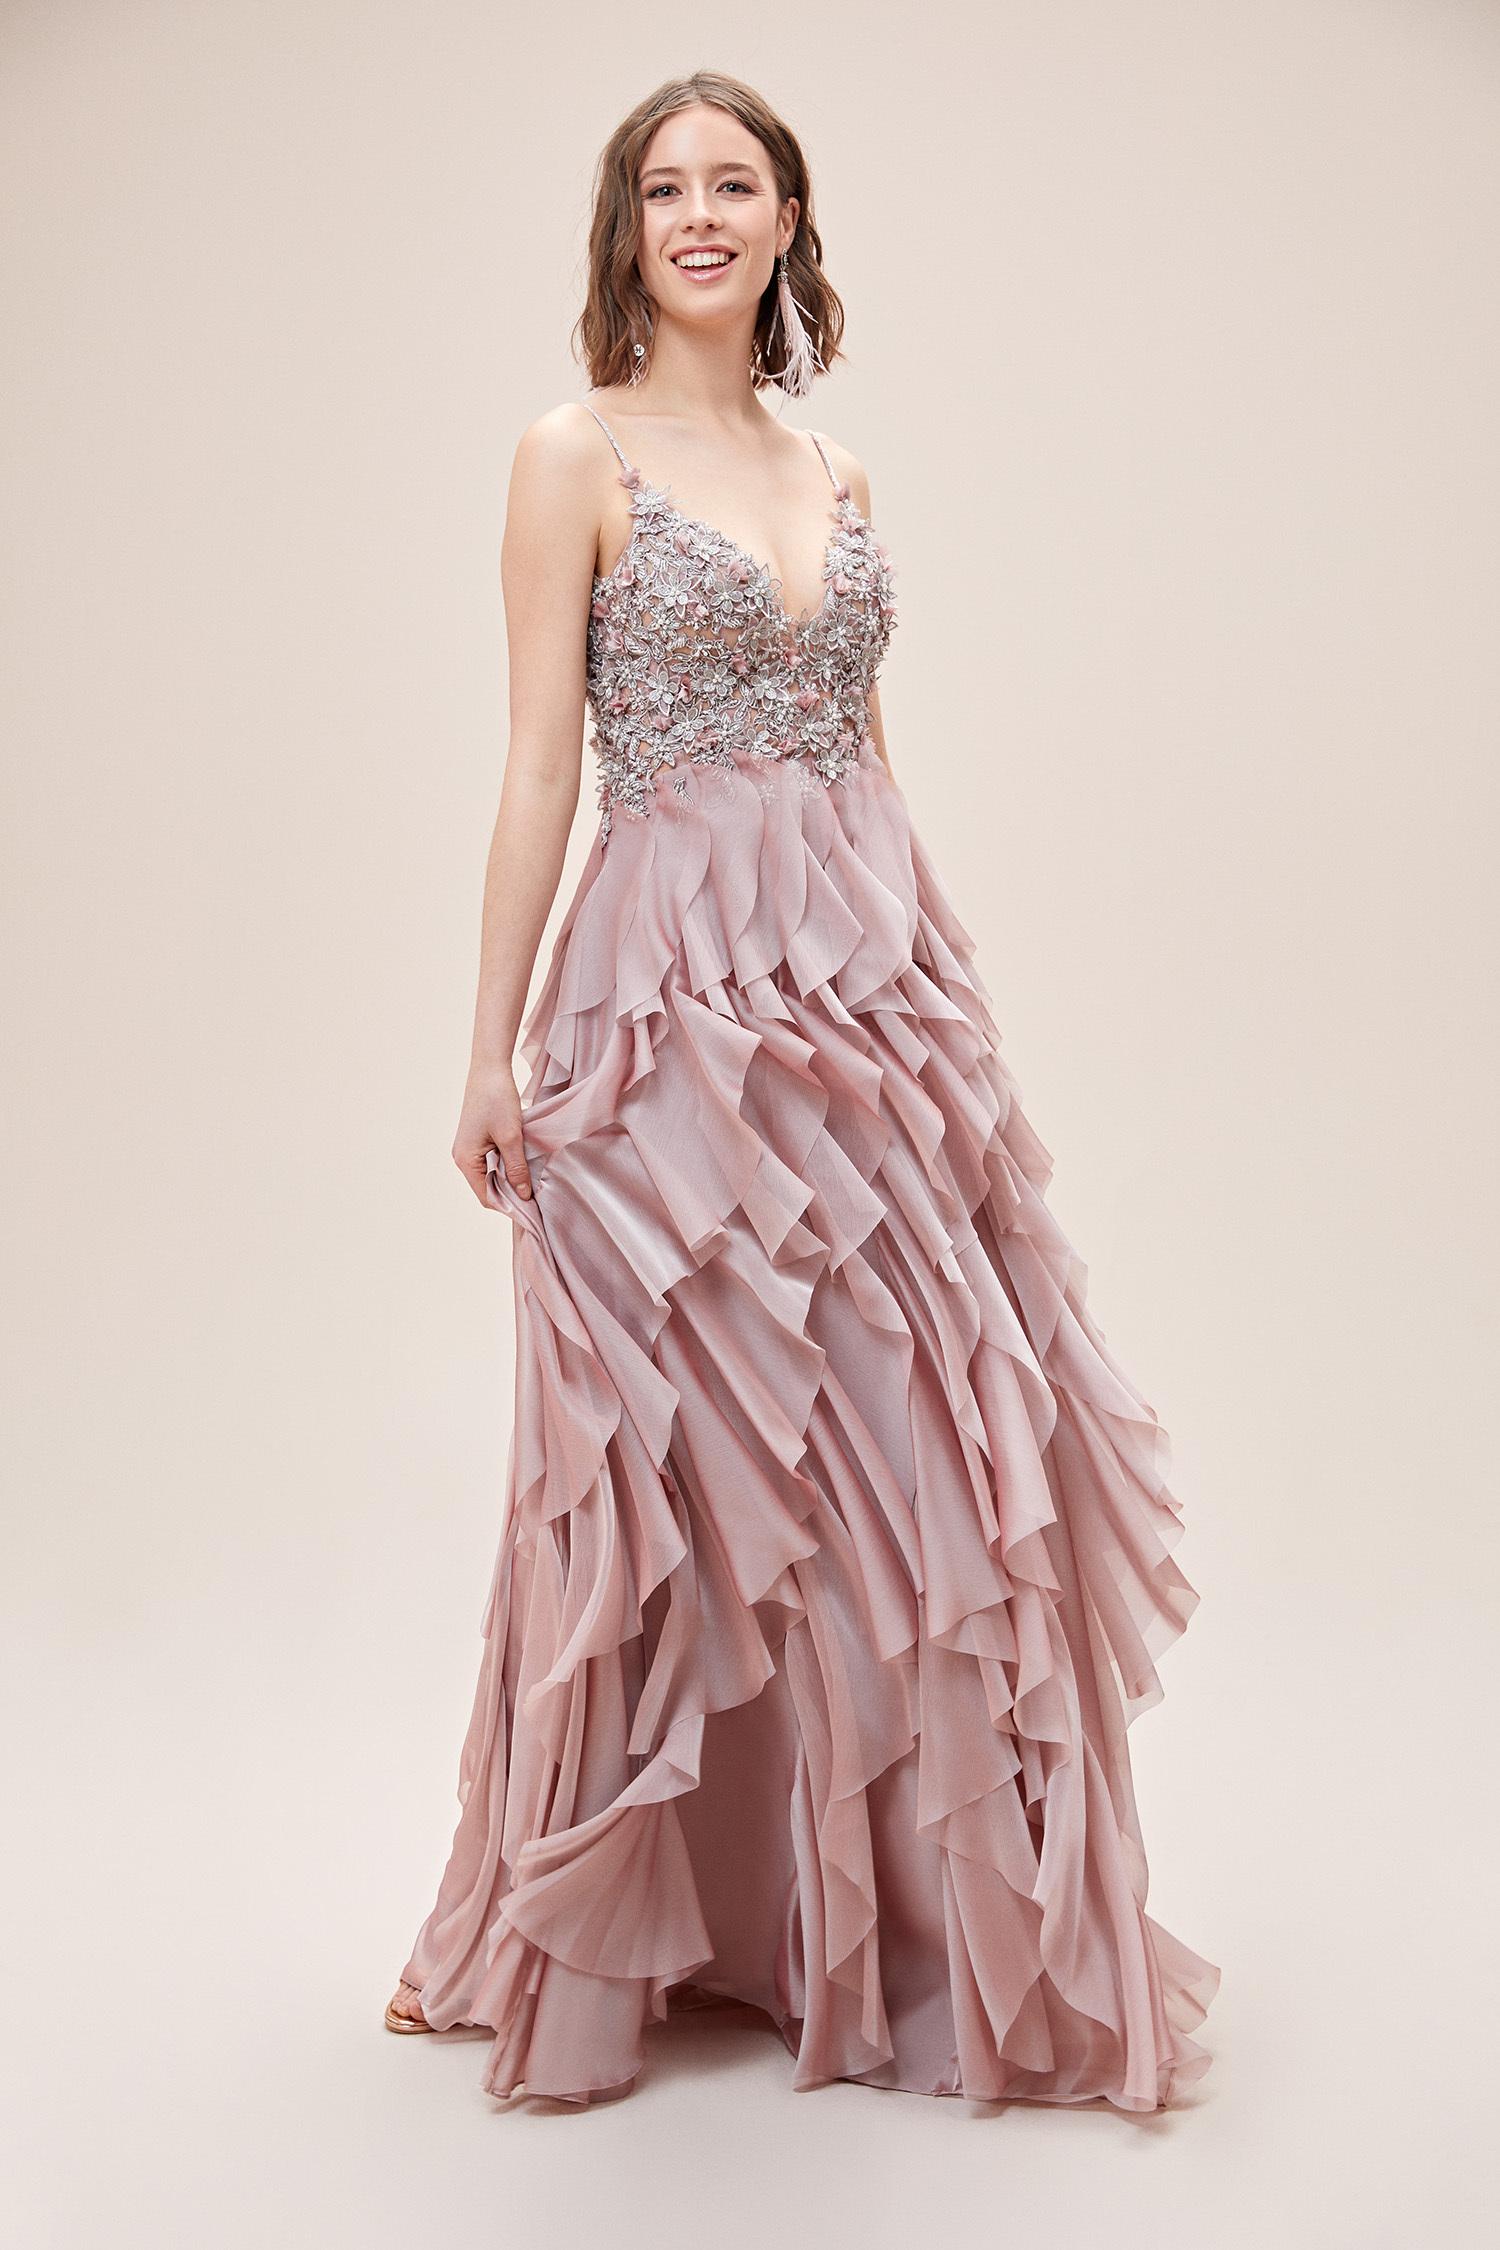 Pembe Askılı Çiçek İşlemeli Fırfırlı Uzun Abiye Elbise - Thumbnail